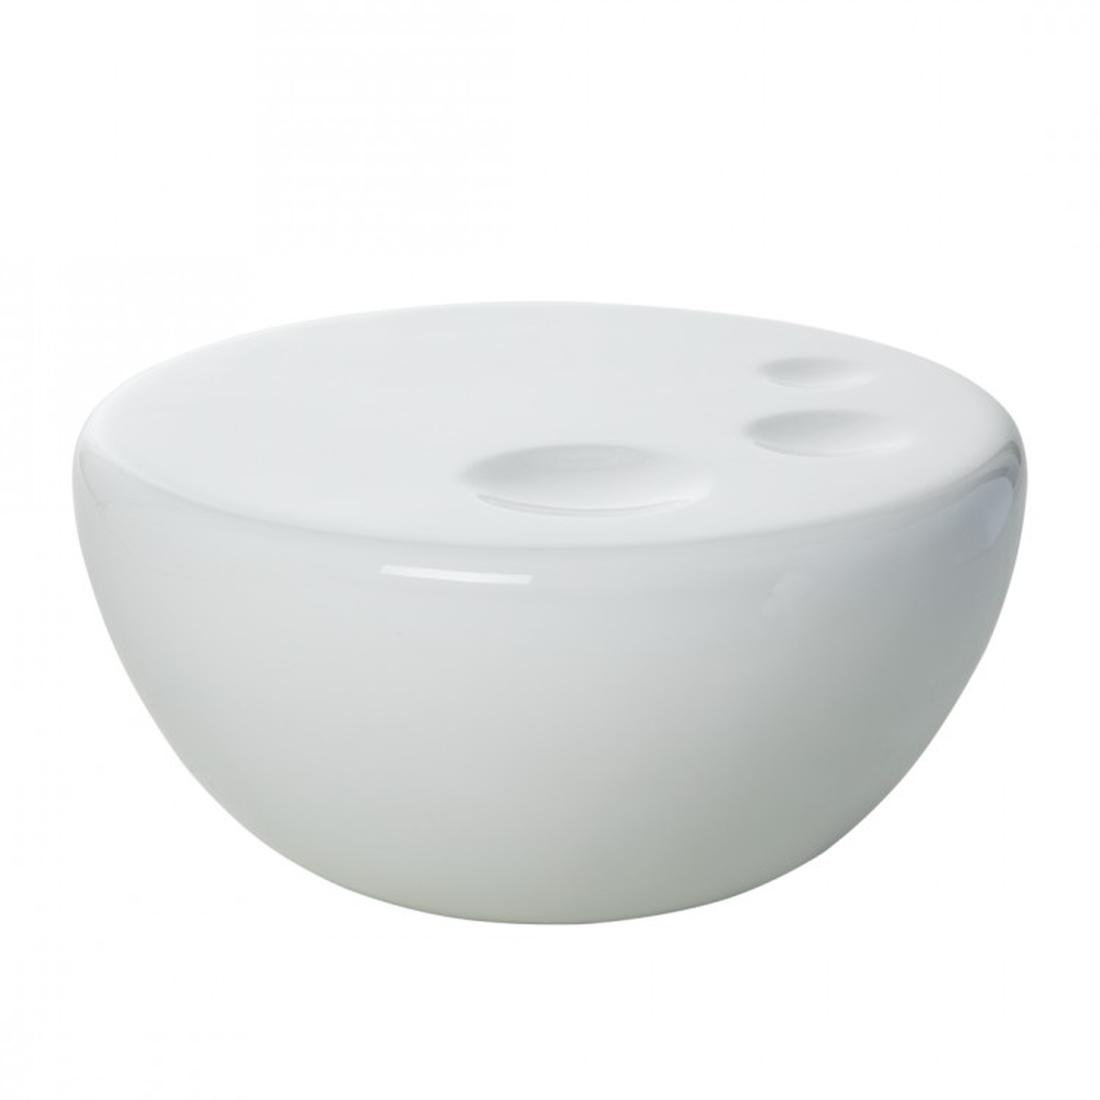 Couchtisch Fiberglas Weiß Hochglanz Beistelltisch  -> Couchtisch Weiß Fiberglas